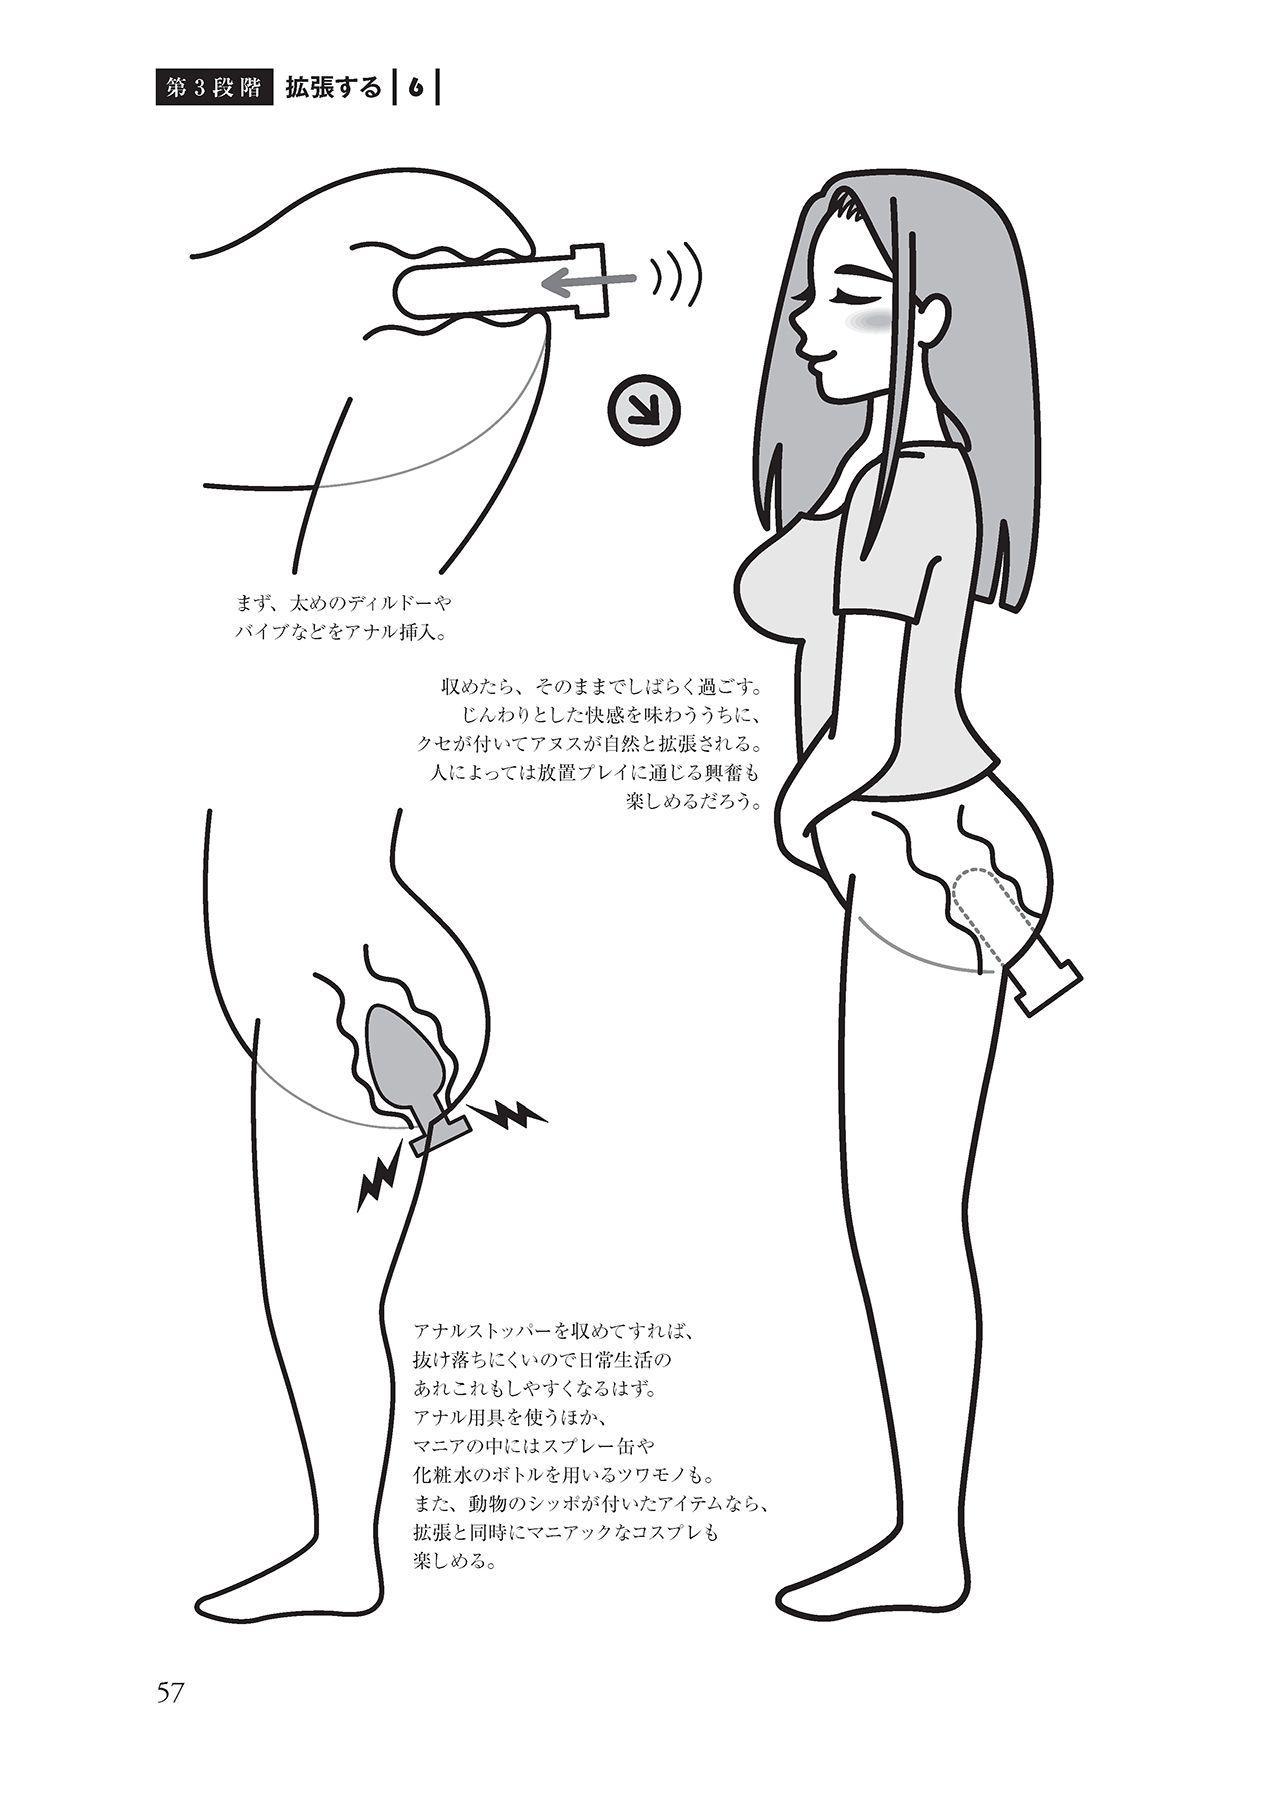 アナル性感開発・お尻エッチ 完全マニュアル 58